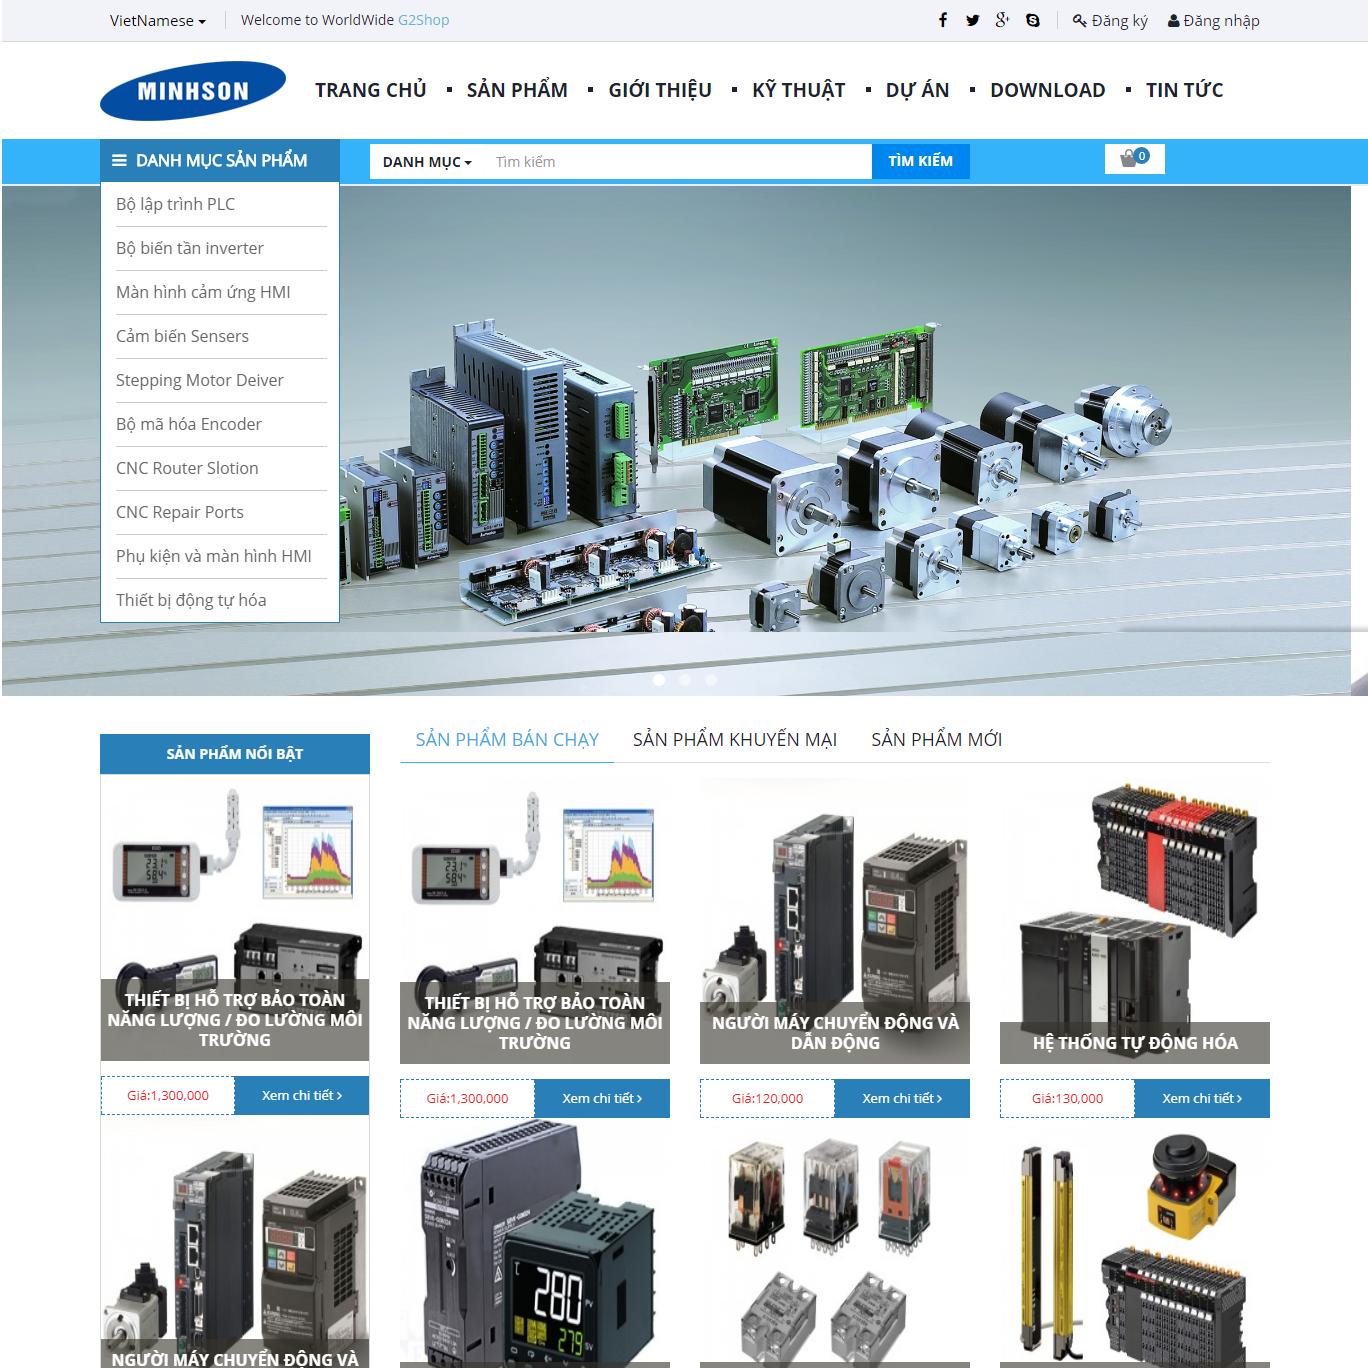 Công ty TNHH thương mại đầu tư và phát triển công nghệ cao Minh Sơn